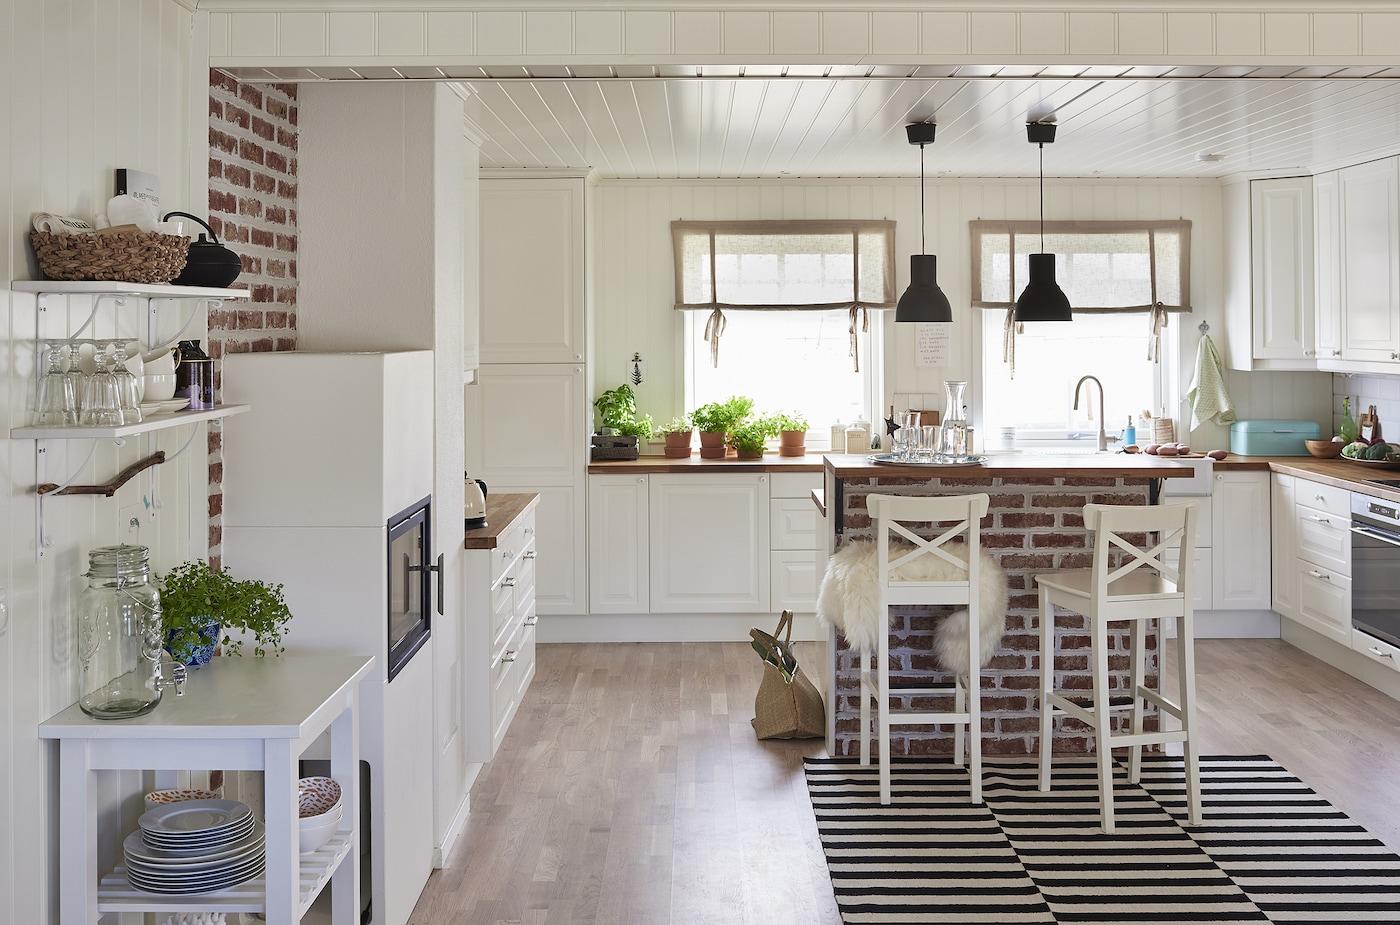 La amplia cocina comedor de planta abierta desprende calidez.